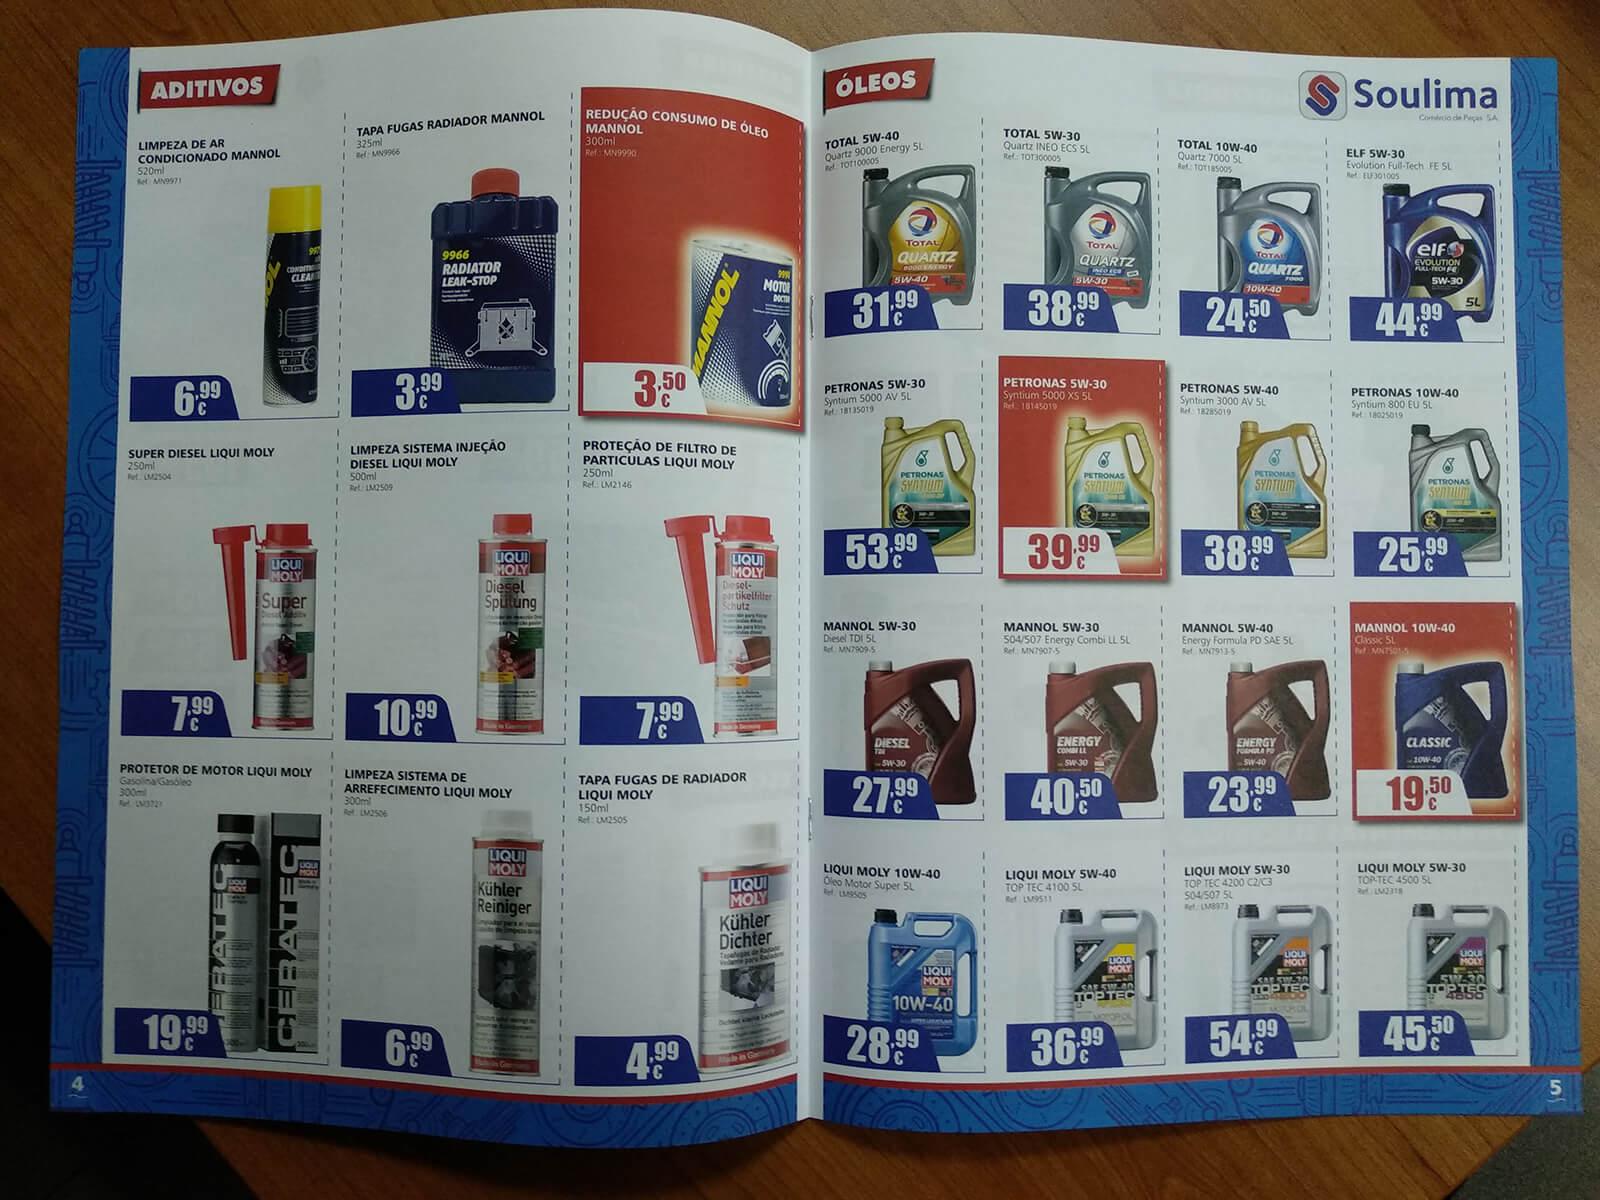 Soulima - Comércio de Peças - Folheto Impresso Soulima - Interior | Way2Start - Design & Digital Agency